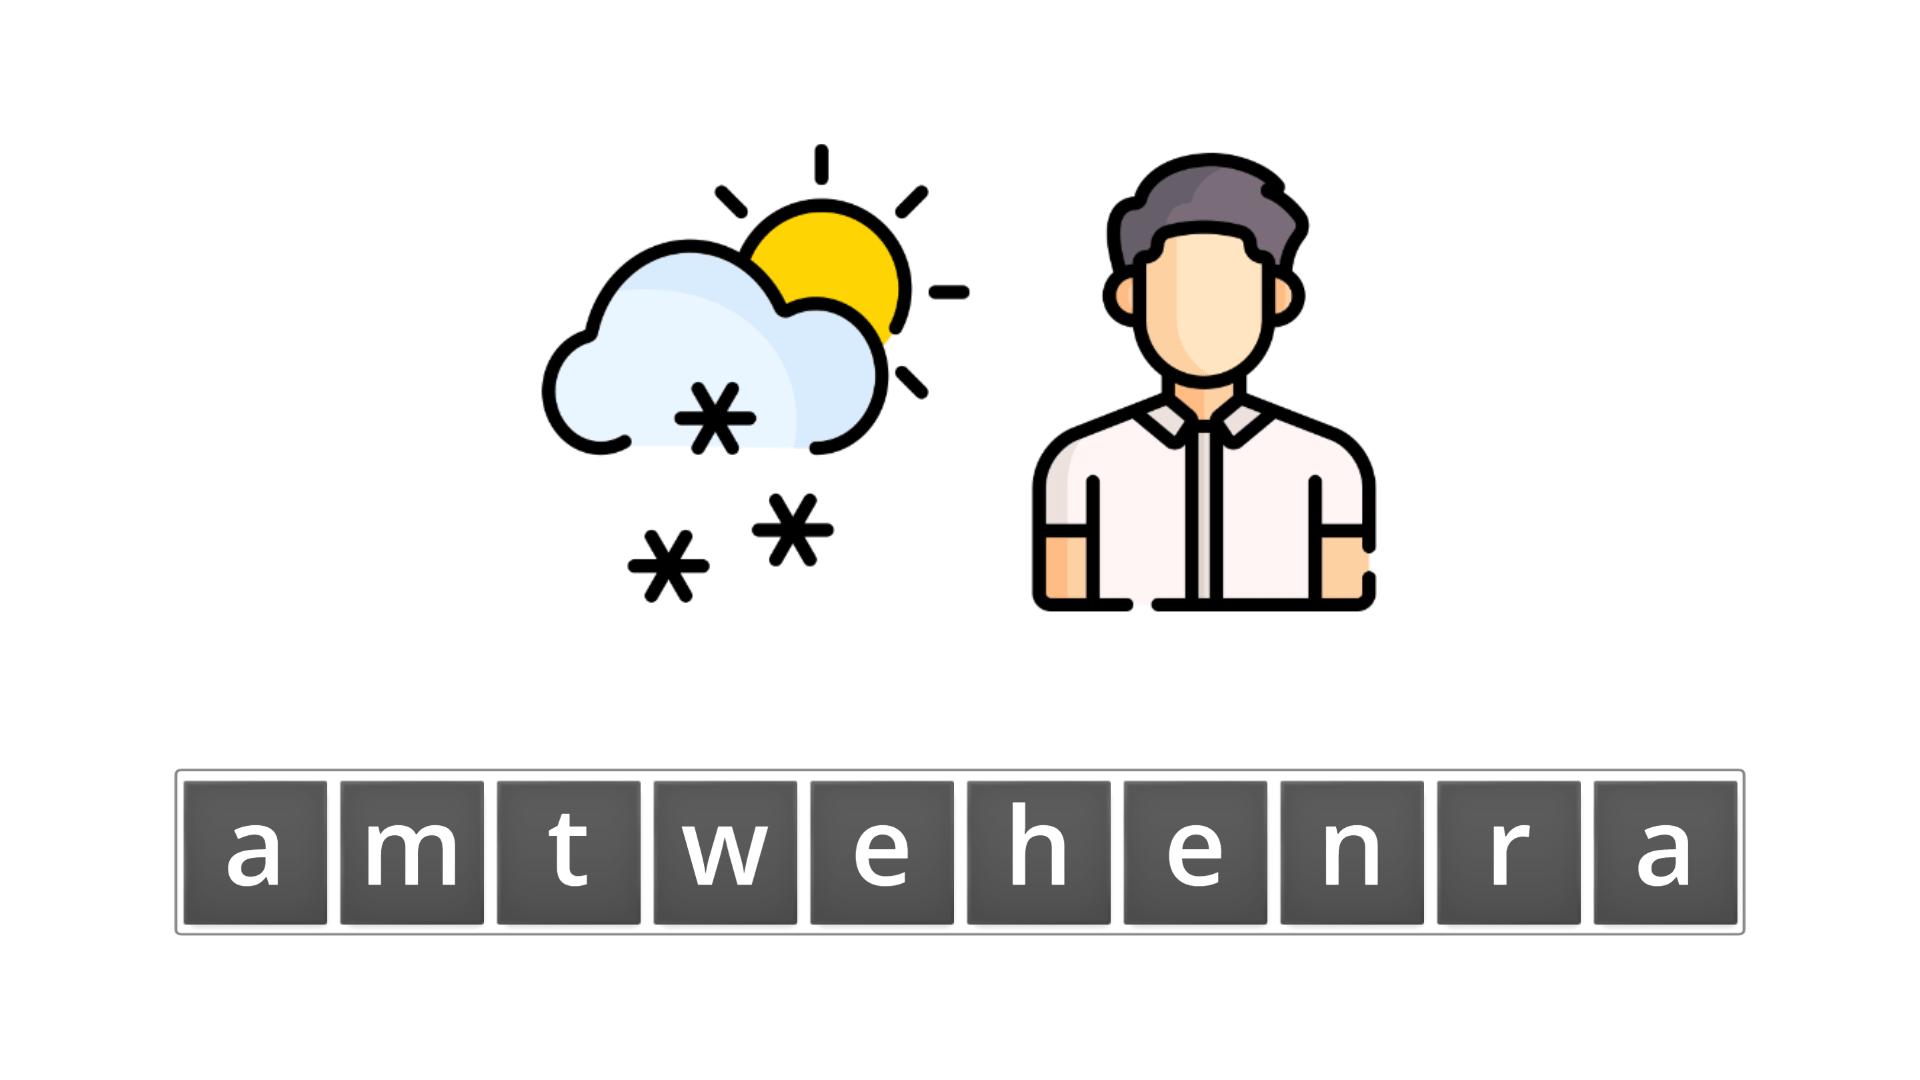 esl resources - flashcards - compound nouns  - unscramble - weatherman